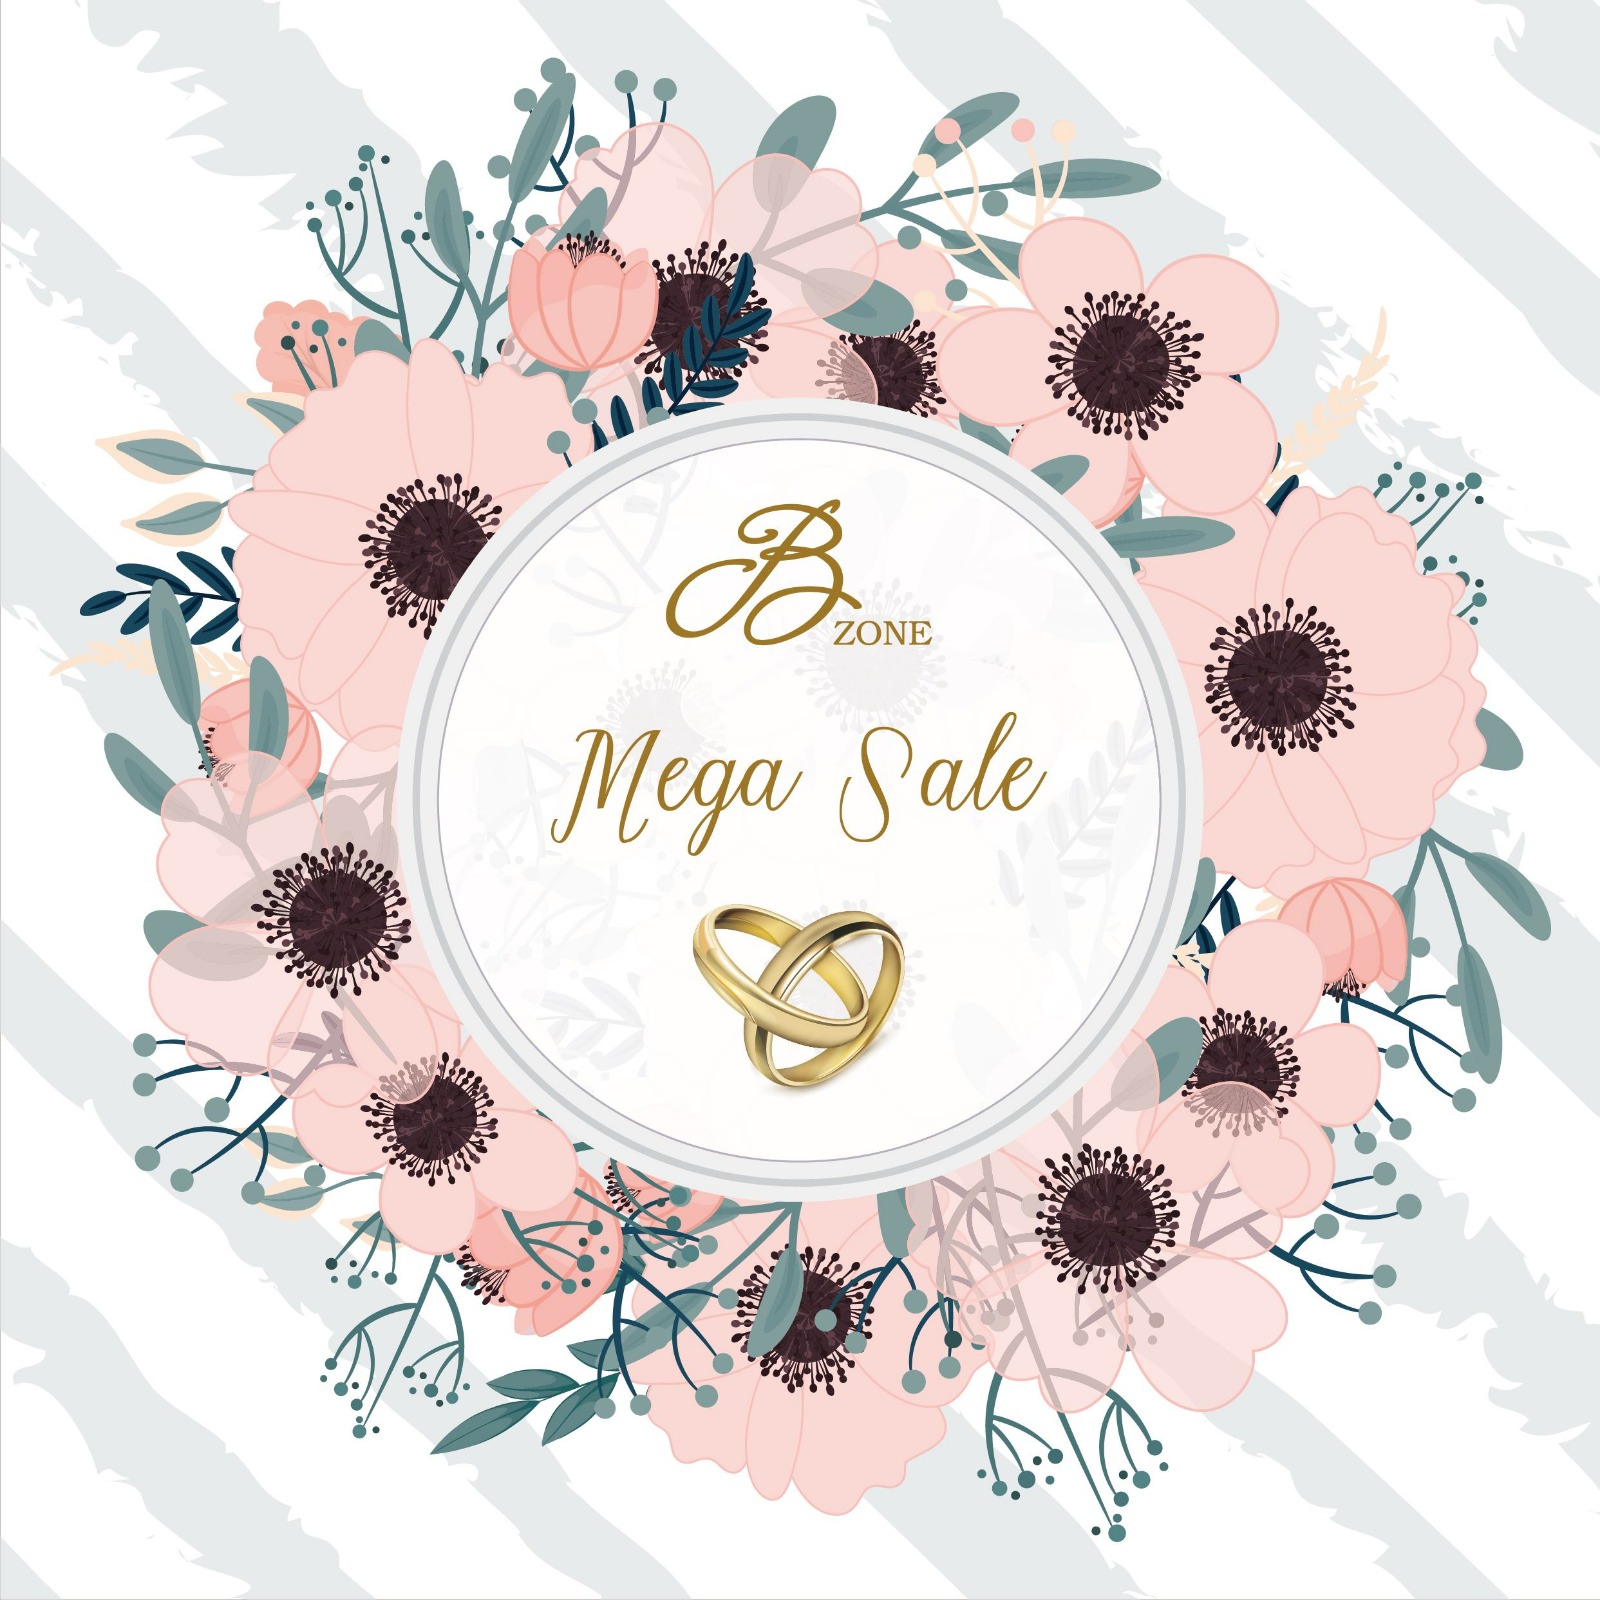 20190524_Mega Sale